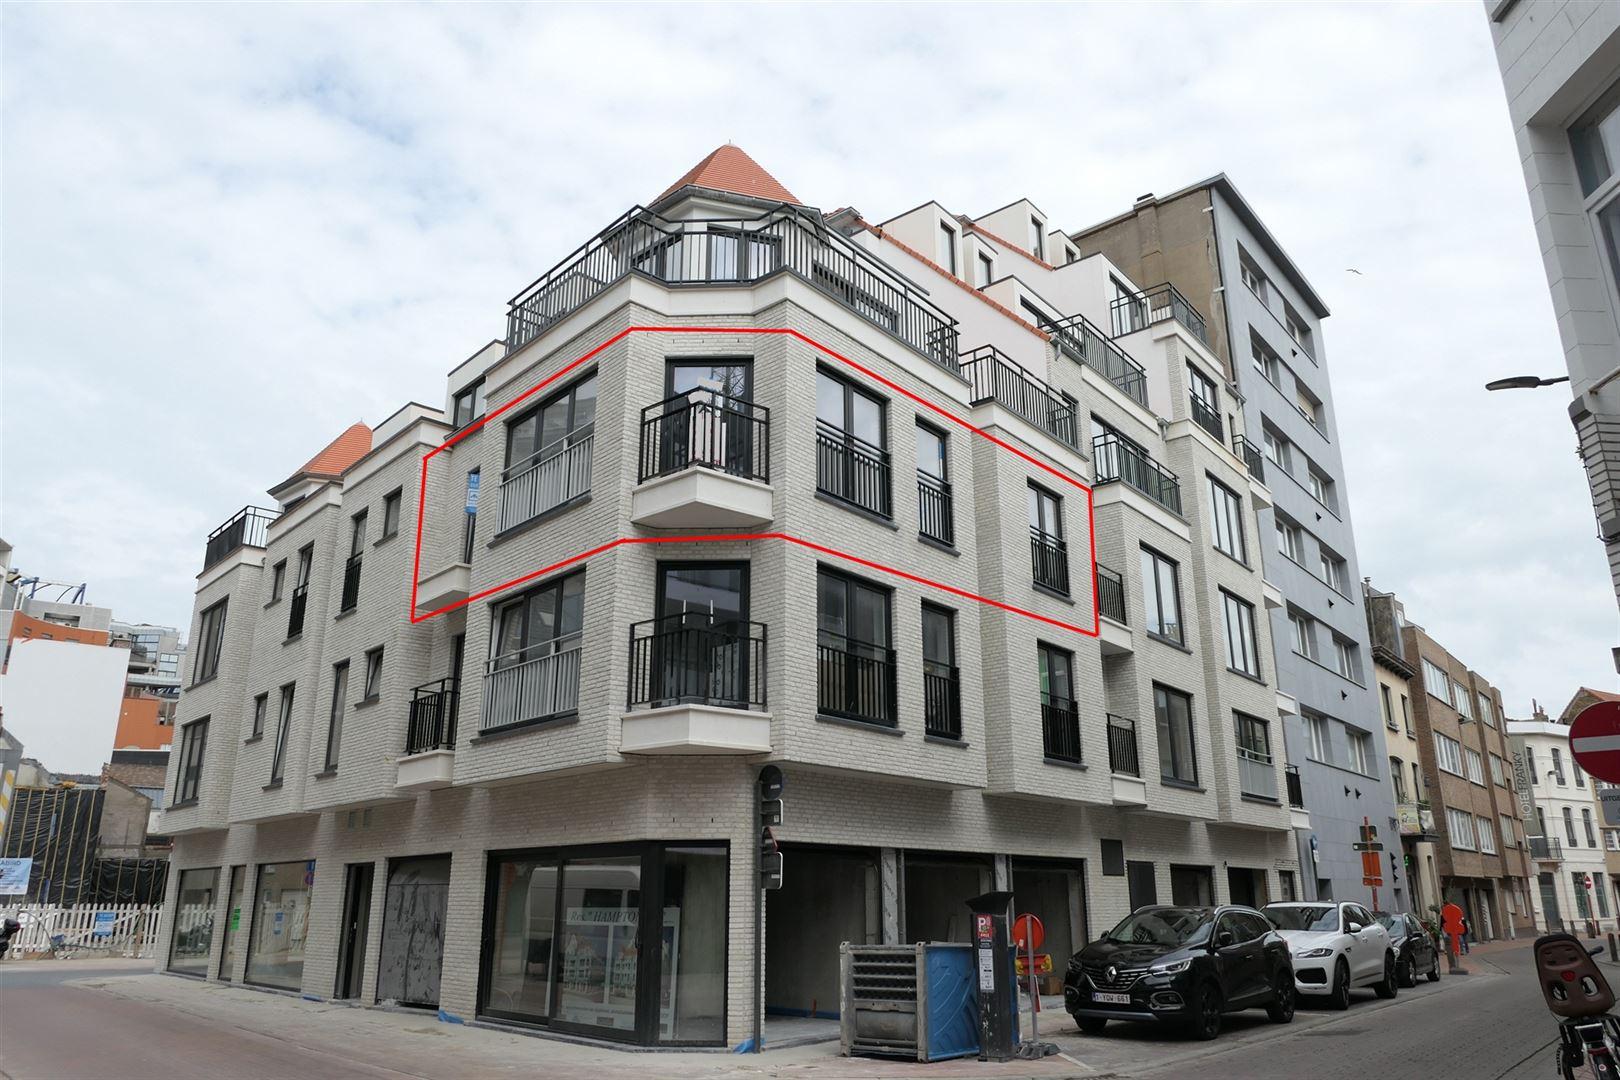 <a class='showAction btn-primary btn' href='/fr/propriete/2/jv21011/appartement-blankenberge-a-louer-non-meuble-2-chambres-a-coucher-vanderstichelenstraat-49'>Découvrez cette offre »</a>